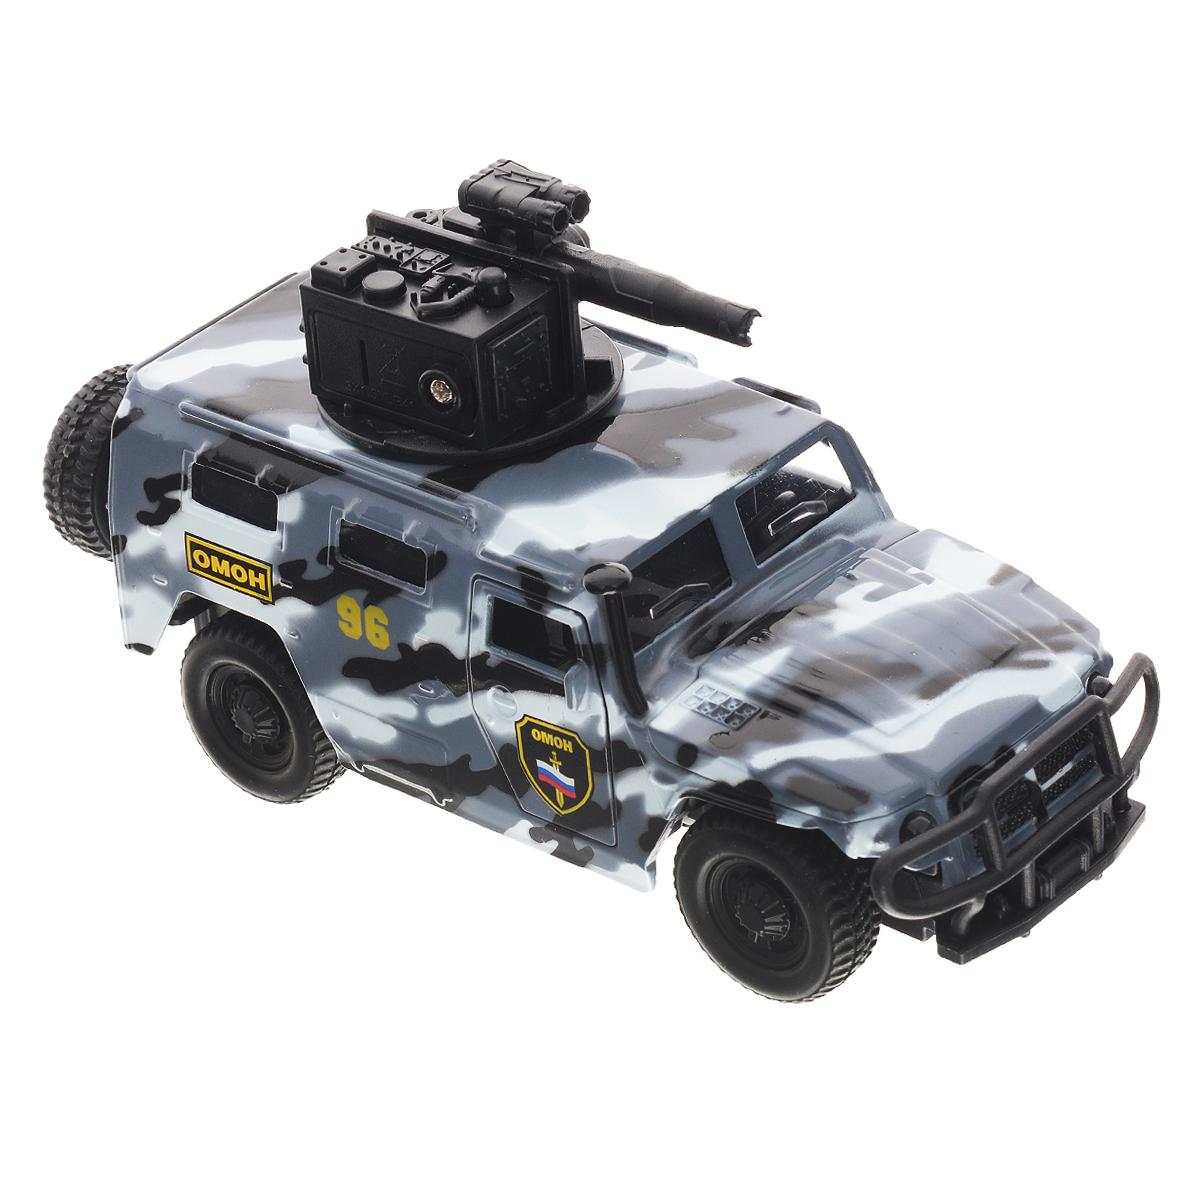 ТехноПарк Машинка инерционная ГАЗ Тигр цвет серый камуфляжCT12-357-G3Машинка ТехноПарк ГАЗ Тигр, выполненная из металла и пластика, станет любимой игрушкой вашего малыша. Игрушка представляет собой военный внедорожник ГАЗ Тигр, оснащенный открывающимися дверьми и капотом, а также вращающейся башней с пушкой. При нажатии кнопки на пушке кончик дула начинает светиться, при этом слышны звуки стрельбы и команды Огонь! В атаку!. Игрушка оснащена инерционным ходом. Внедорожник необходимо отвести назад, слегка надавив на крышу, затем отпустить - и машинка быстро поедет вперед. Прорезиненные колеса обеспечивают надежное сцепление с любой поверхностью пола. Ваш ребенок будет часами играть с этой машинкой, придумывая различные истории. Порадуйте его таким замечательным подарком! Машинка работает от батареек (товар комплектуется демонстрационными).